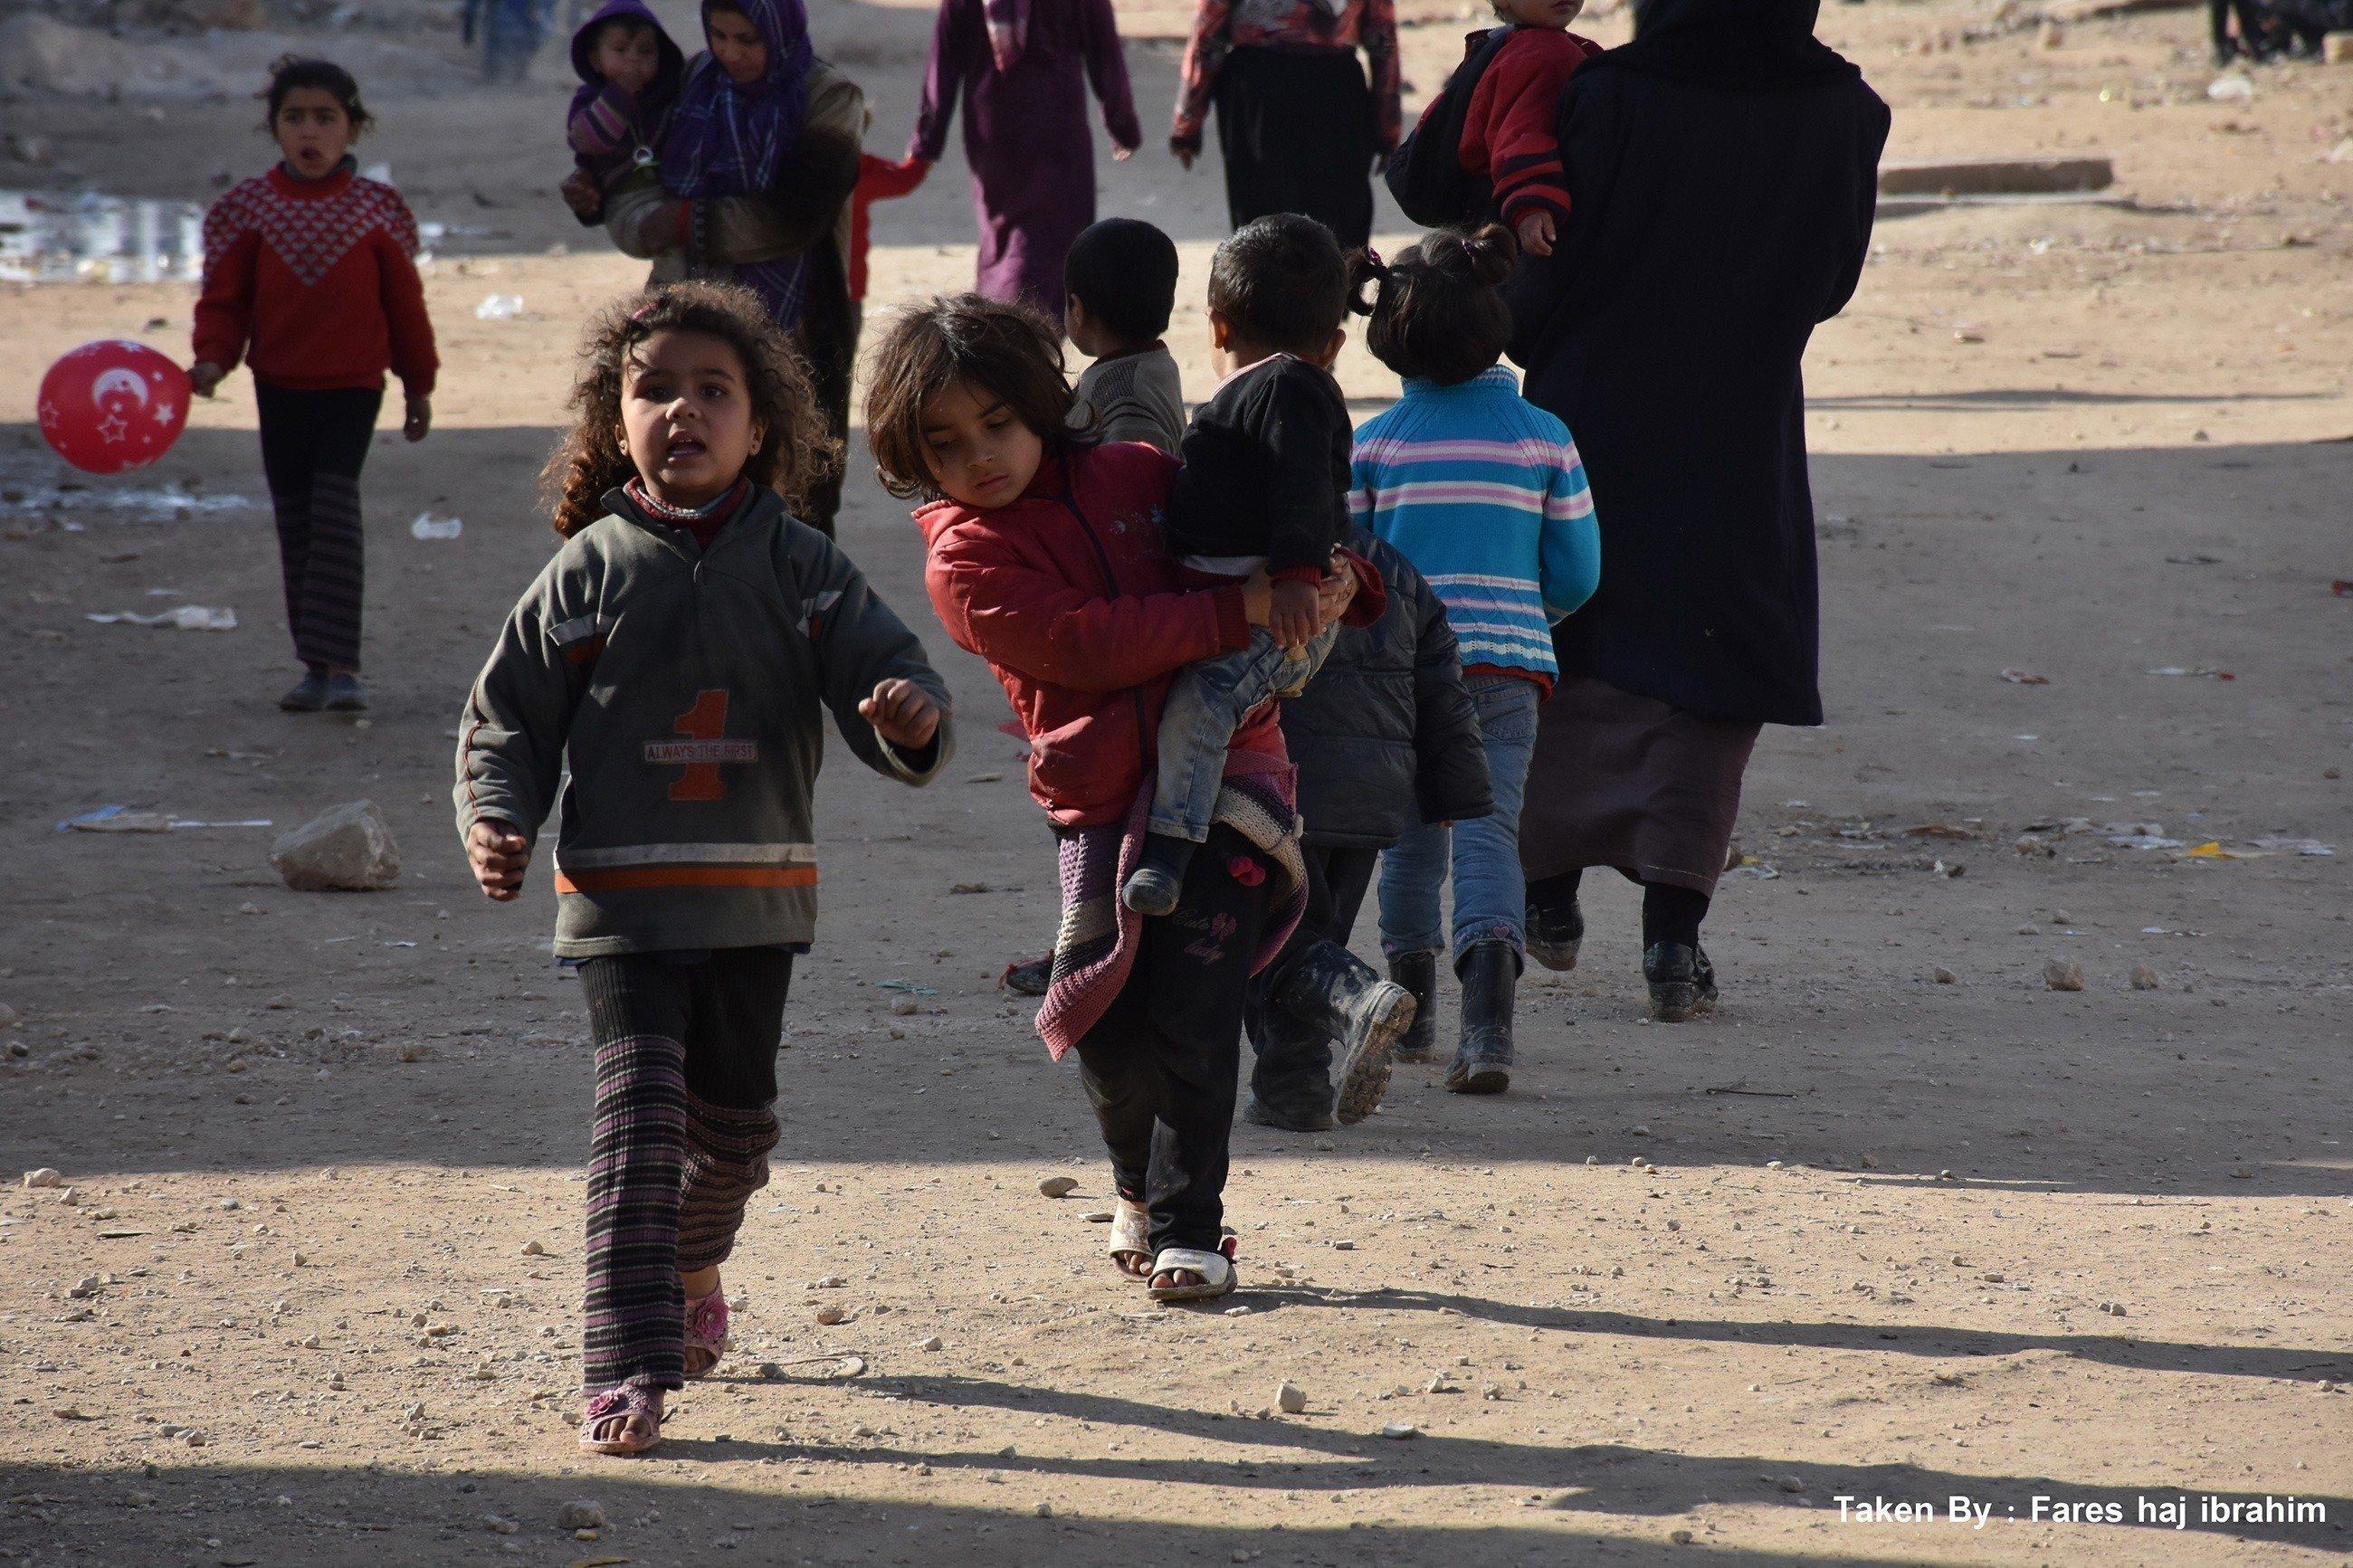 De jeunes enfants dans la rue.